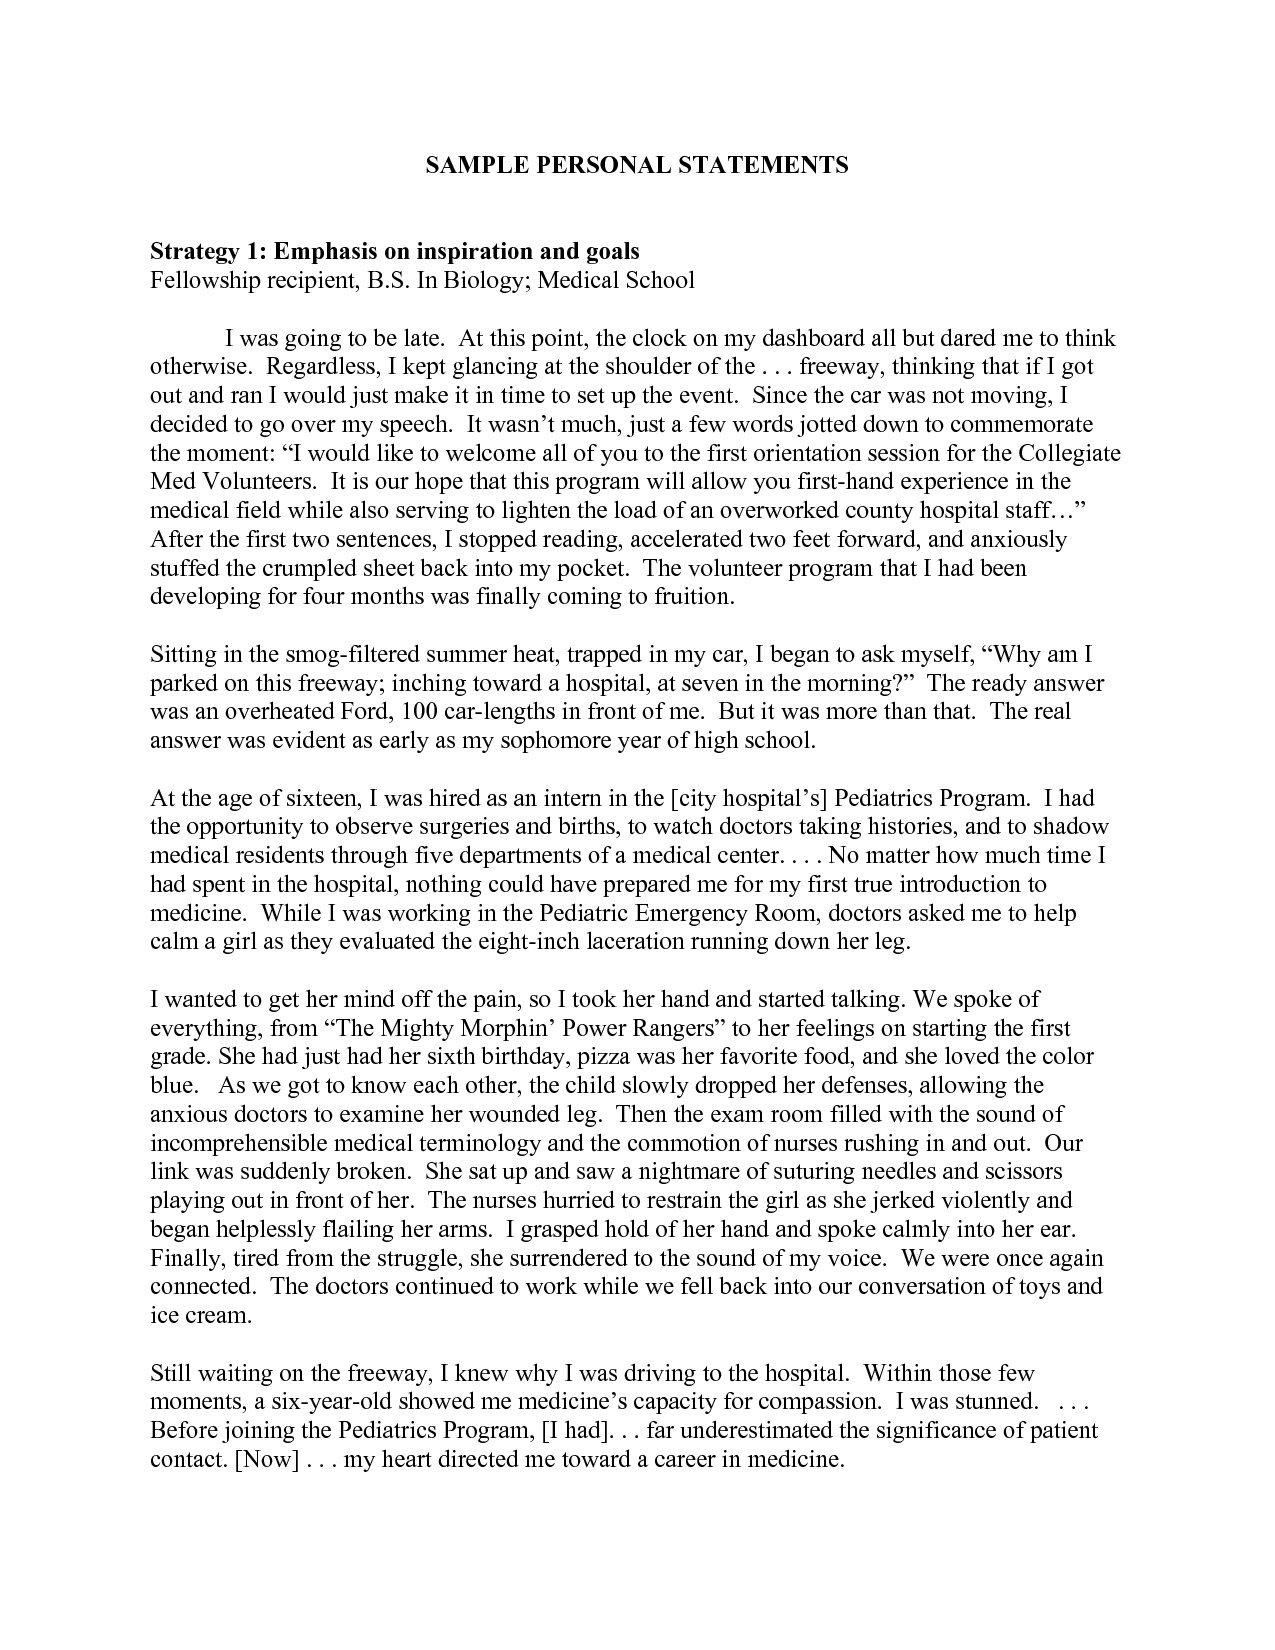 Internship essay examples